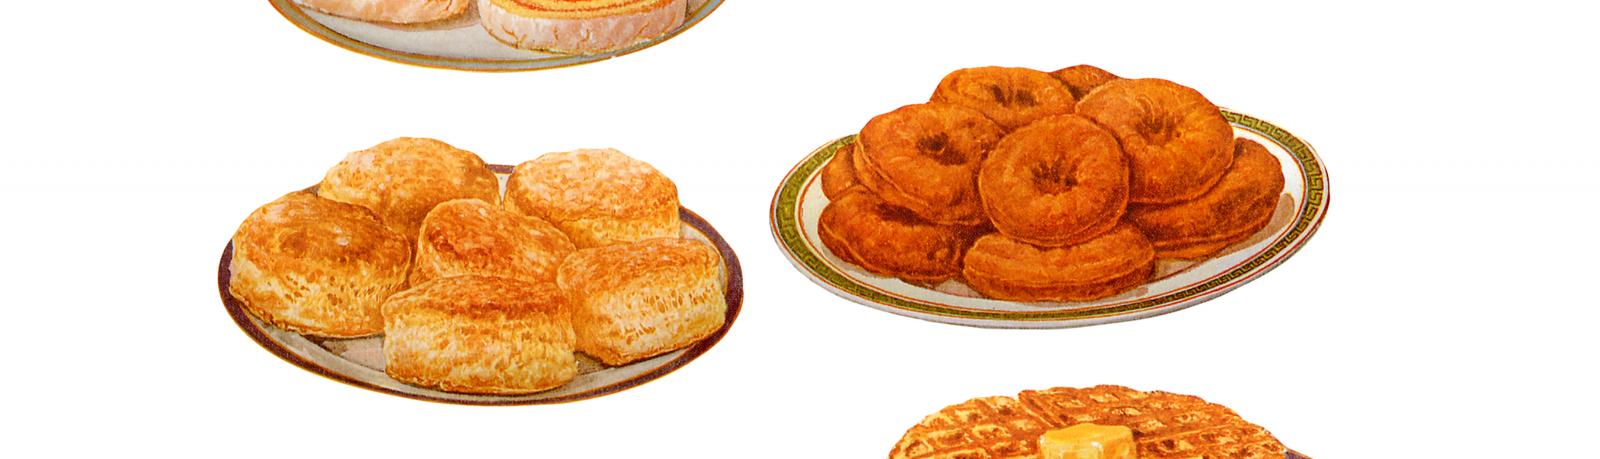 Gâteaux anciens français